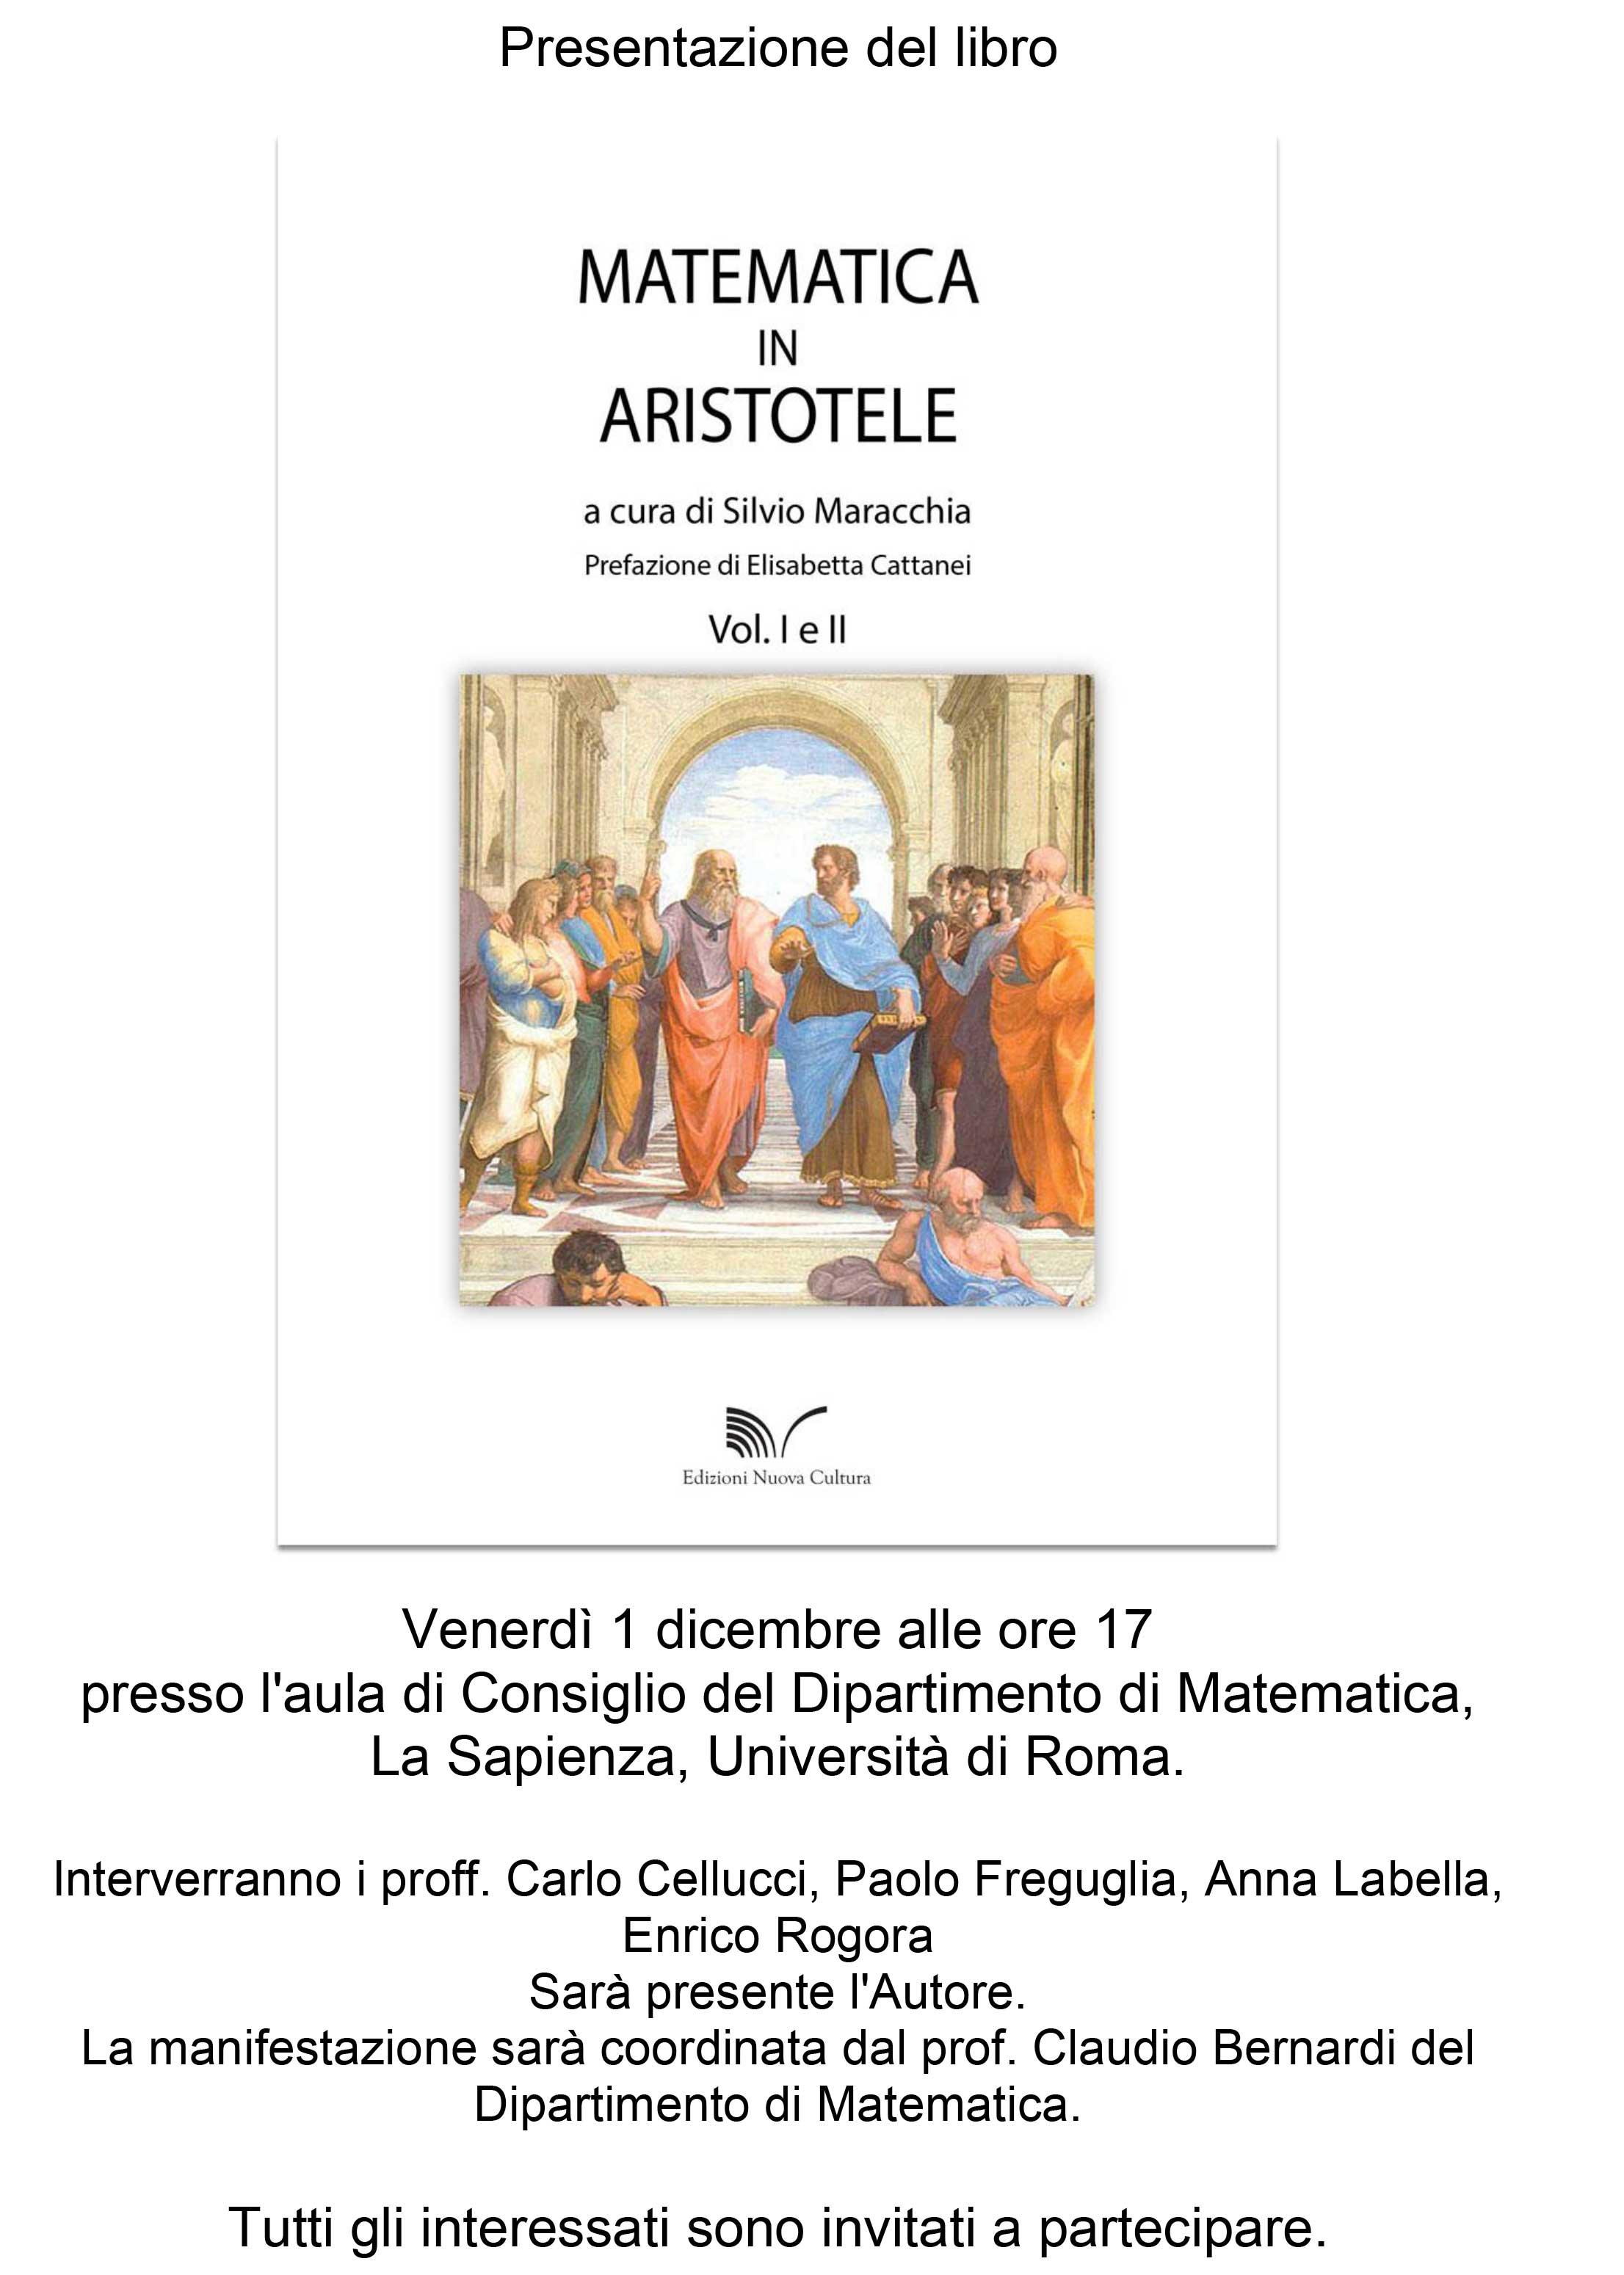 """Presentazione del libro: """"Matematica in Aristotele"""" a cura di Silvio Maracchia"""